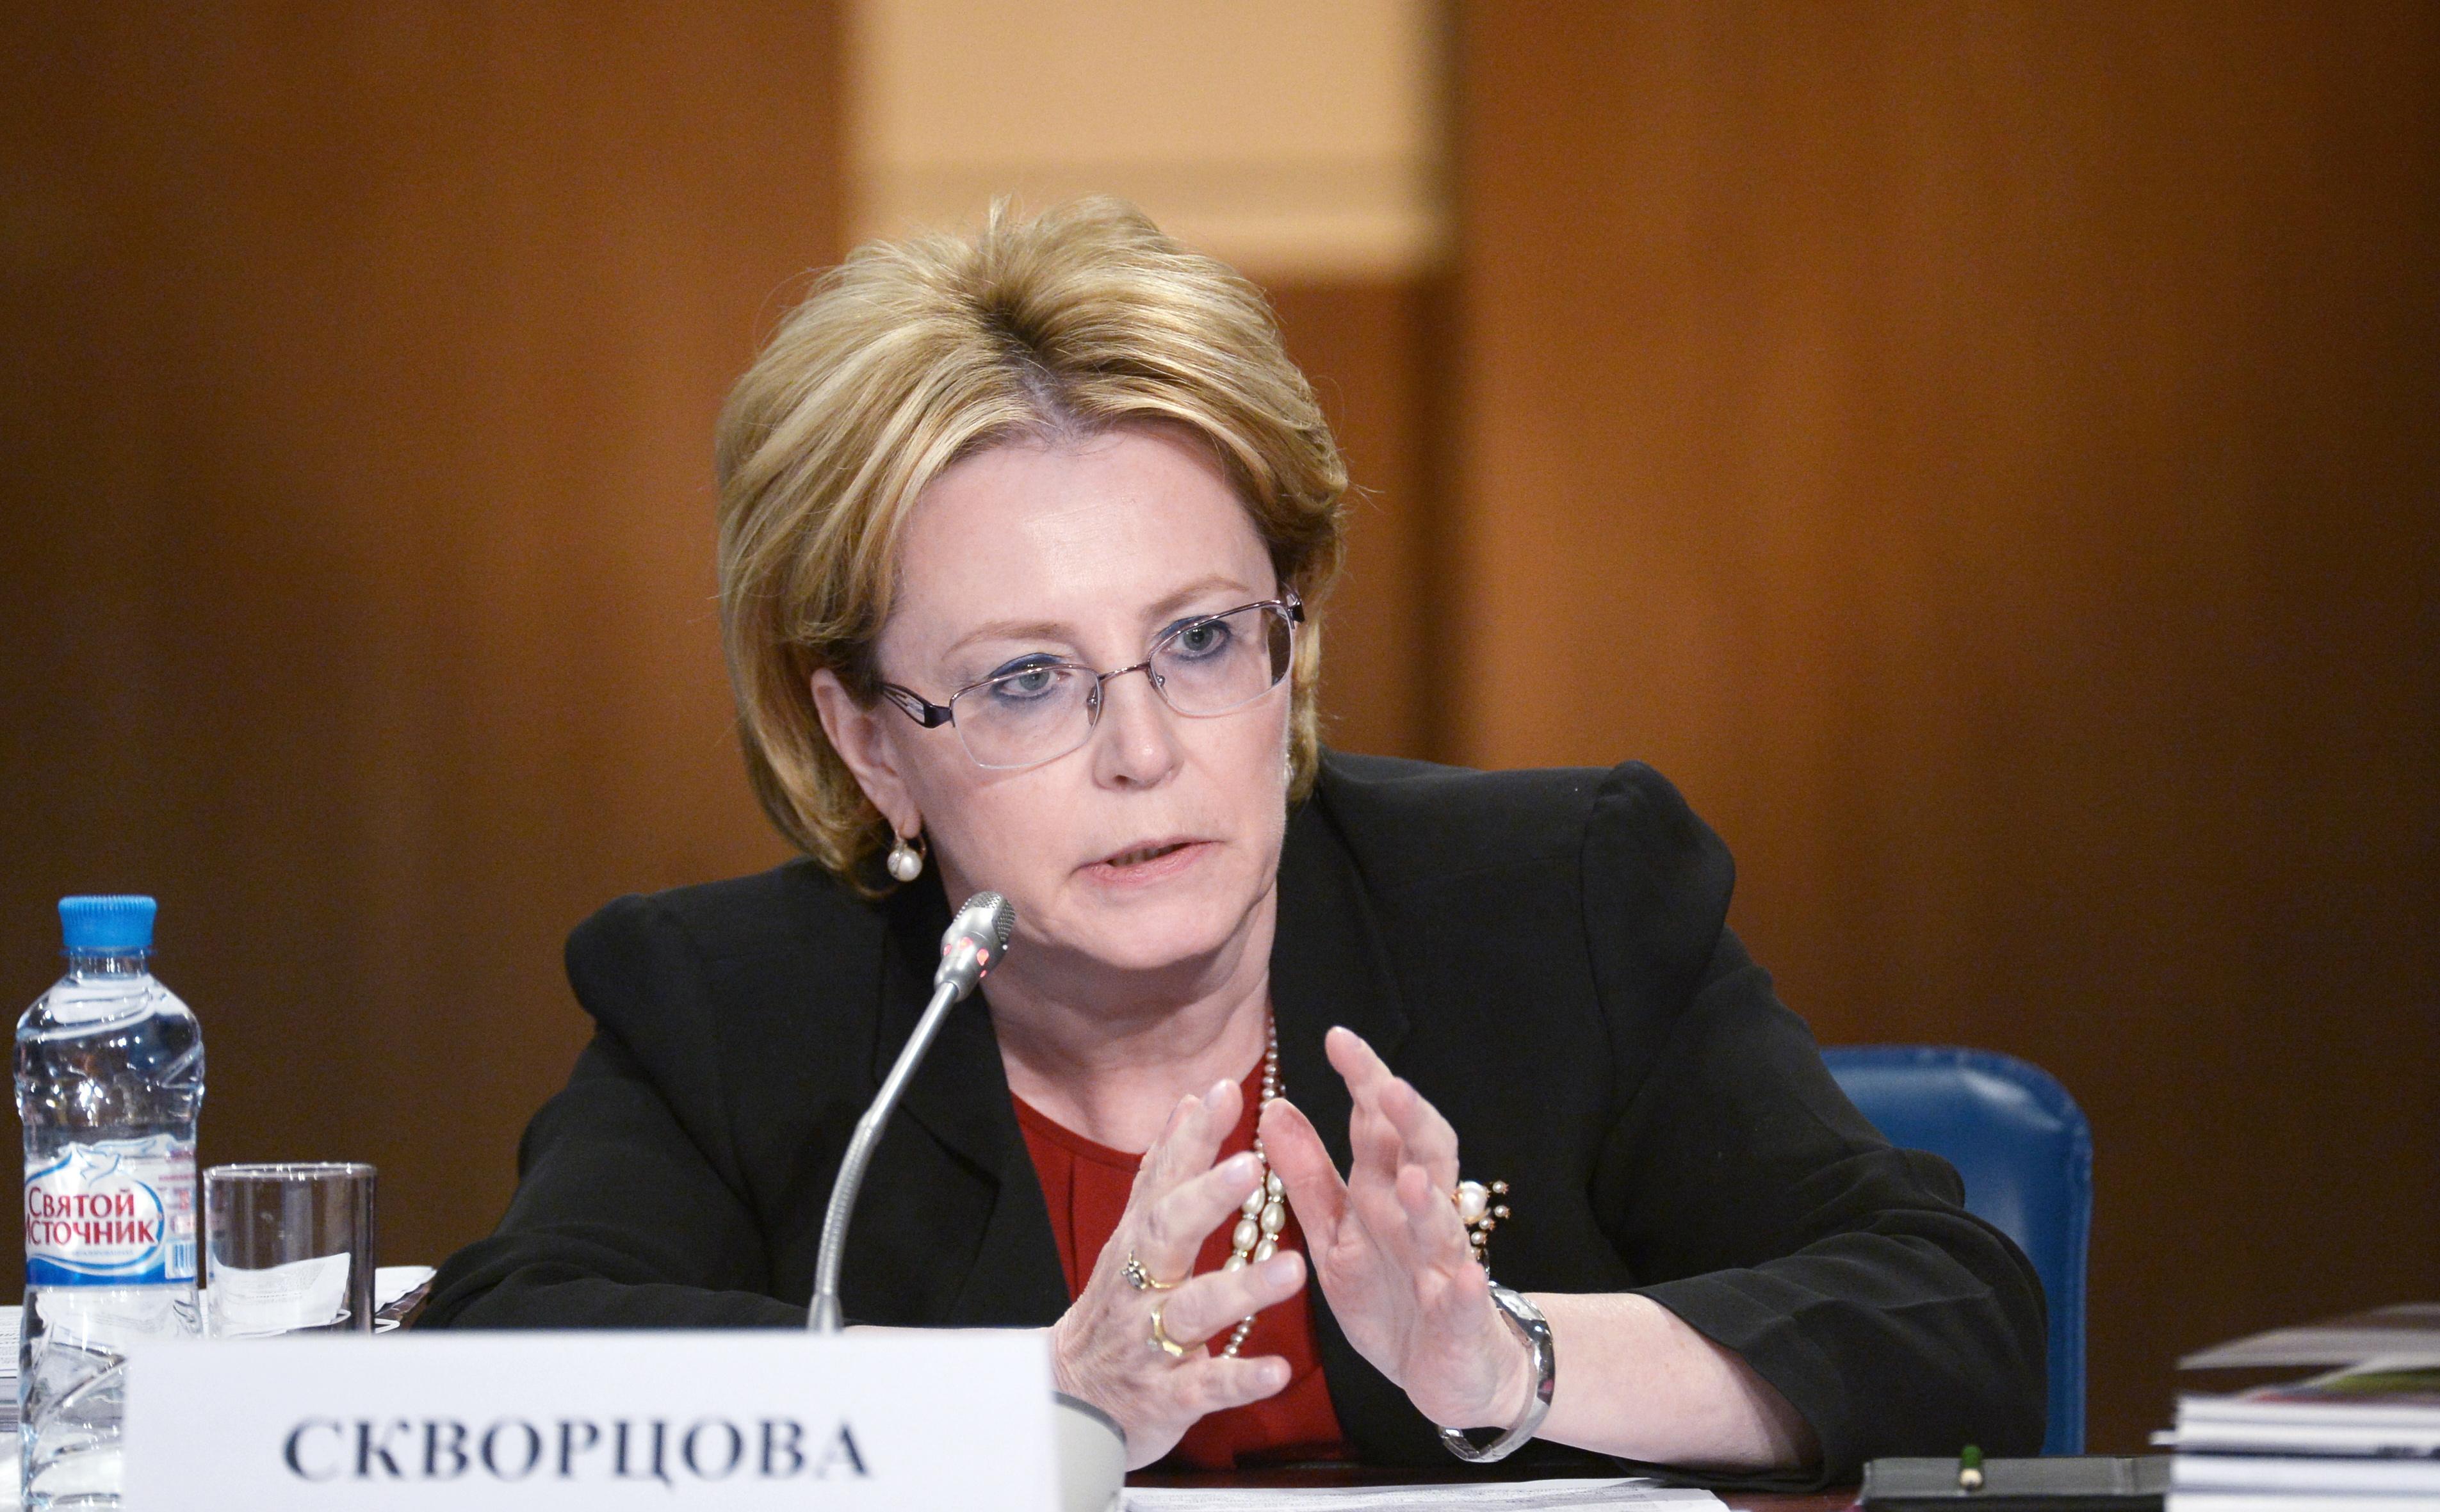 Мониава: Скворцова признала отсутствие статистики по детям-эпилептикам, нуждающимся в труднодоступных лекарствах